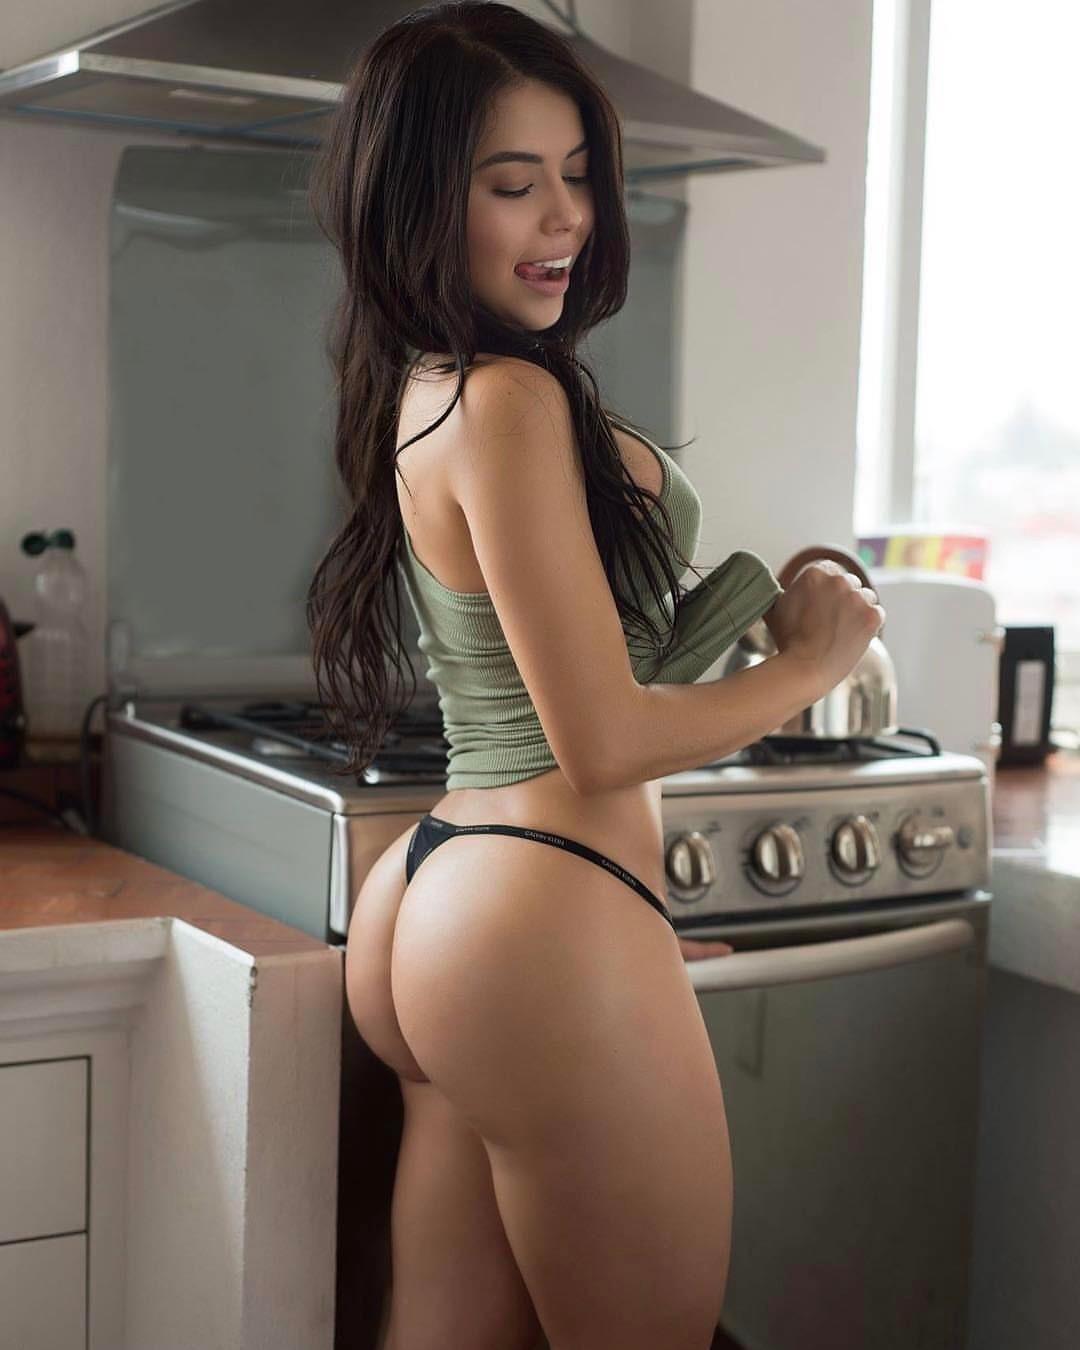 Gorgeous Body